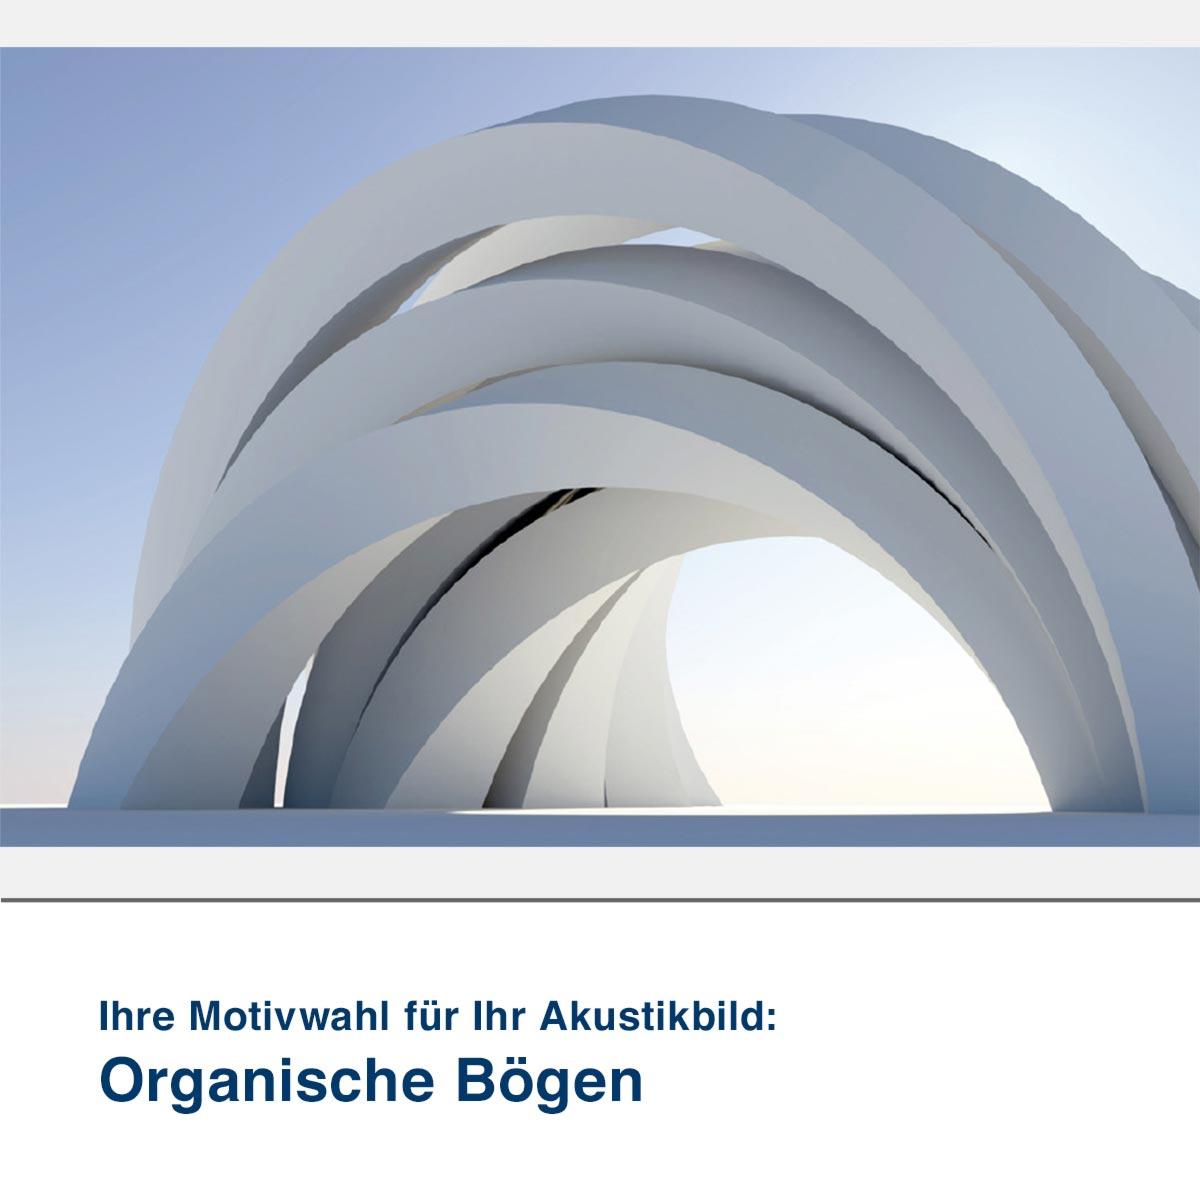 Akustikbild Motiv Organische Bögen